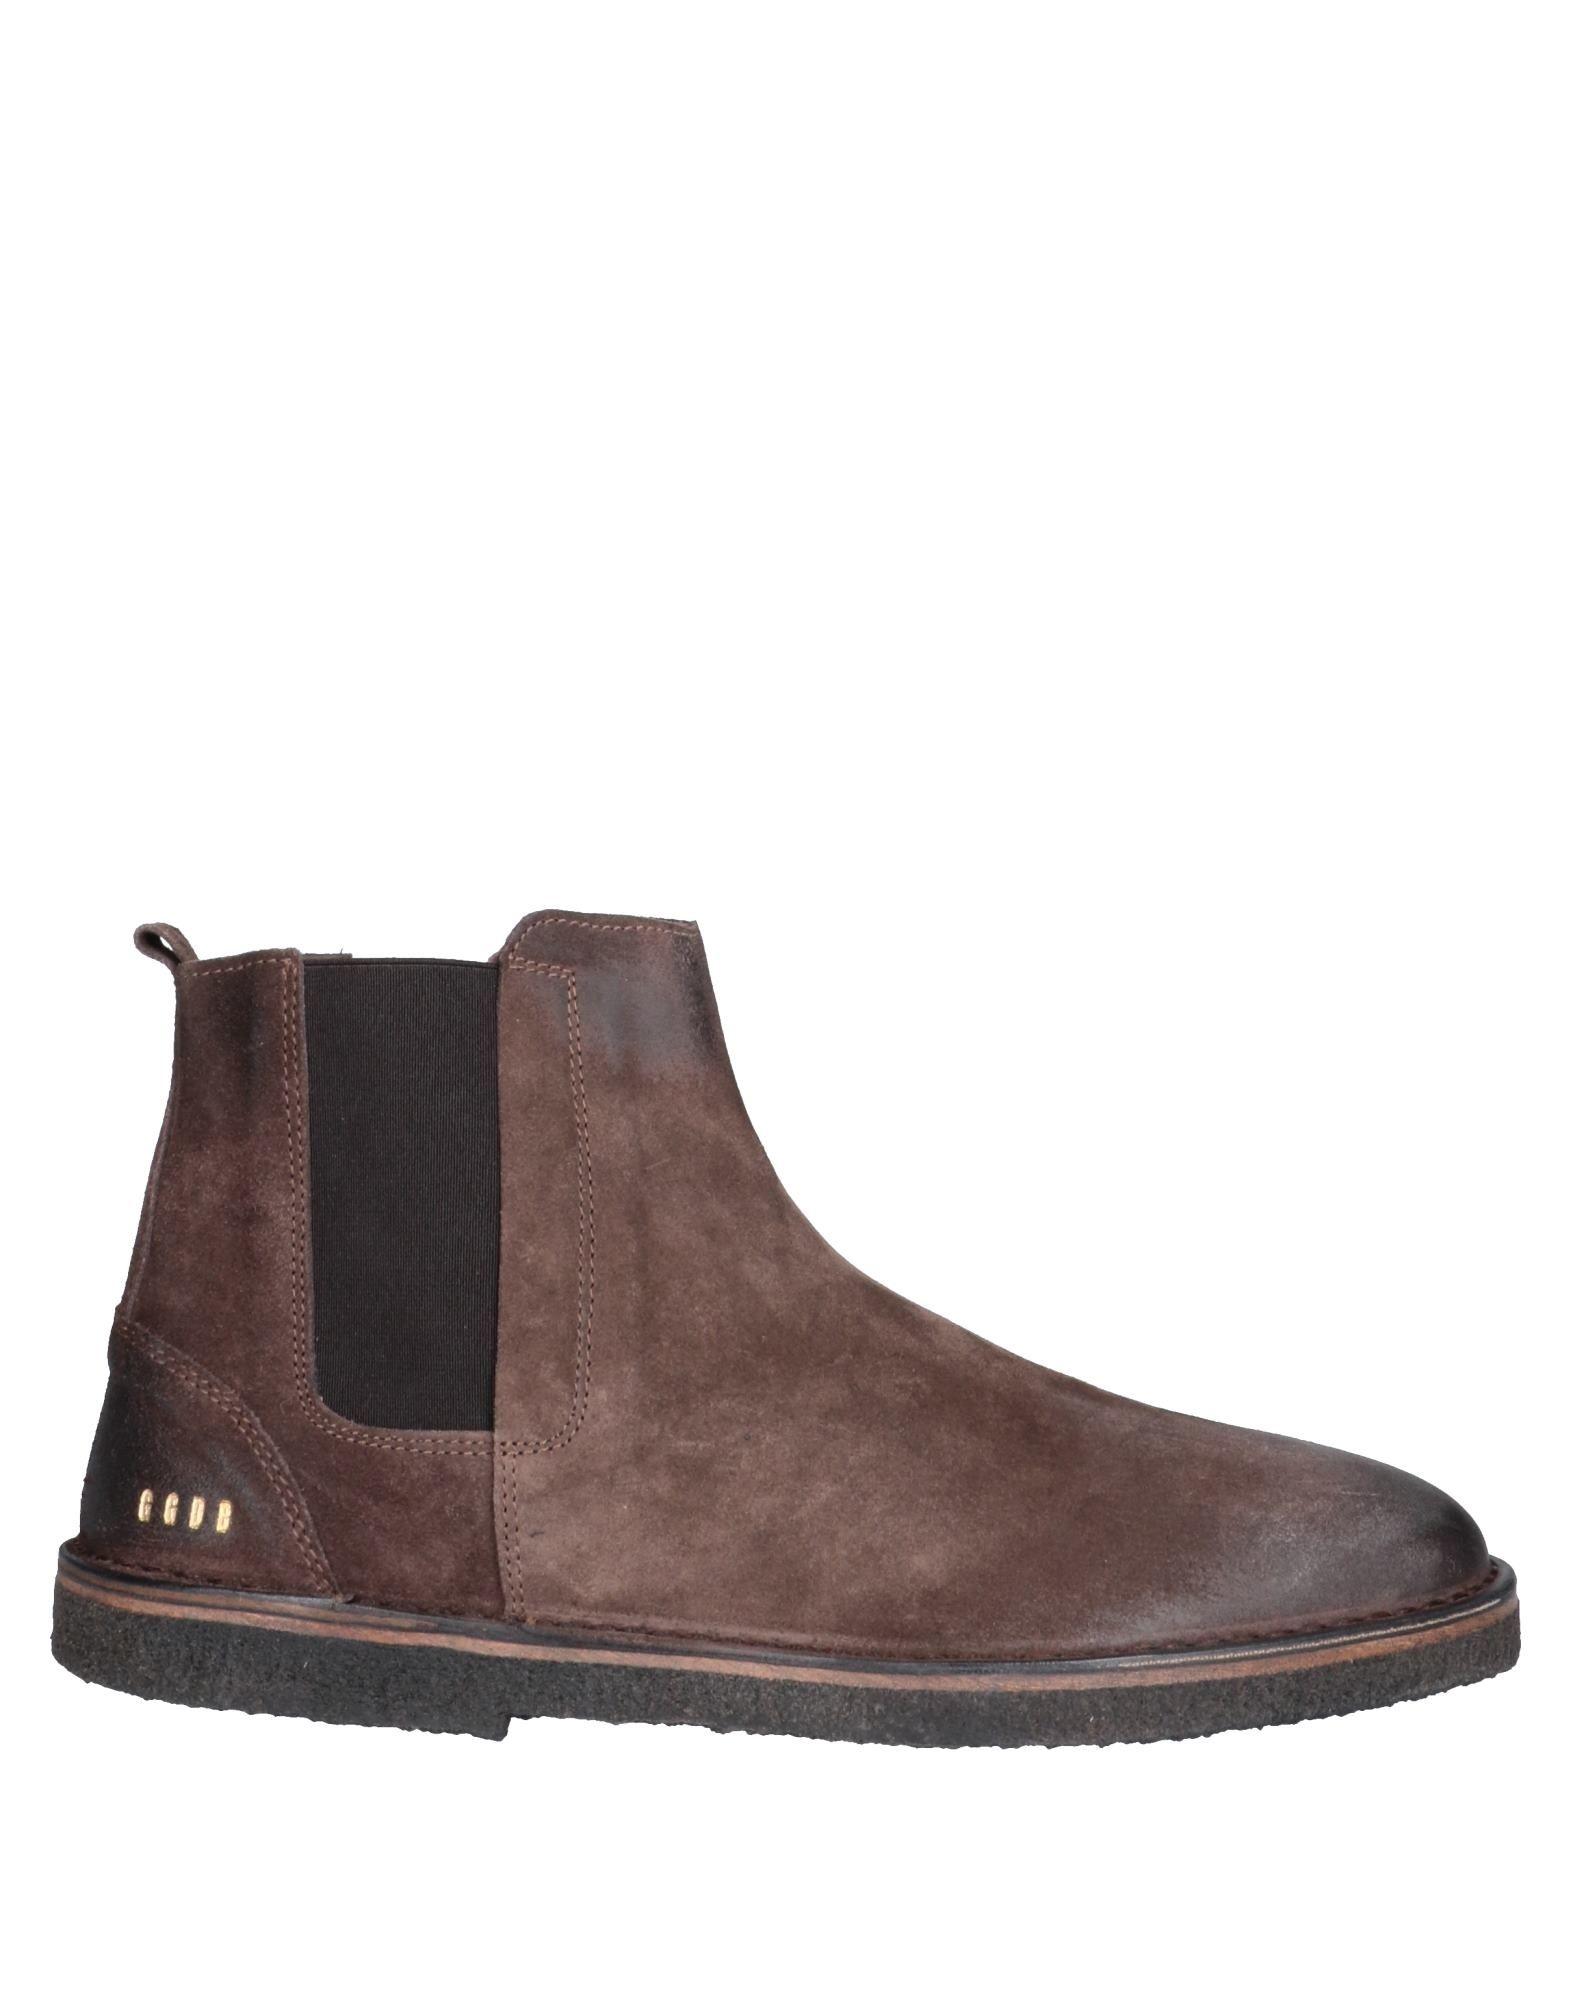 GOLDEN GOOSE DELUXE BRAND Полусапоги и высокие ботинки ботинки мужские golden goose ggdb